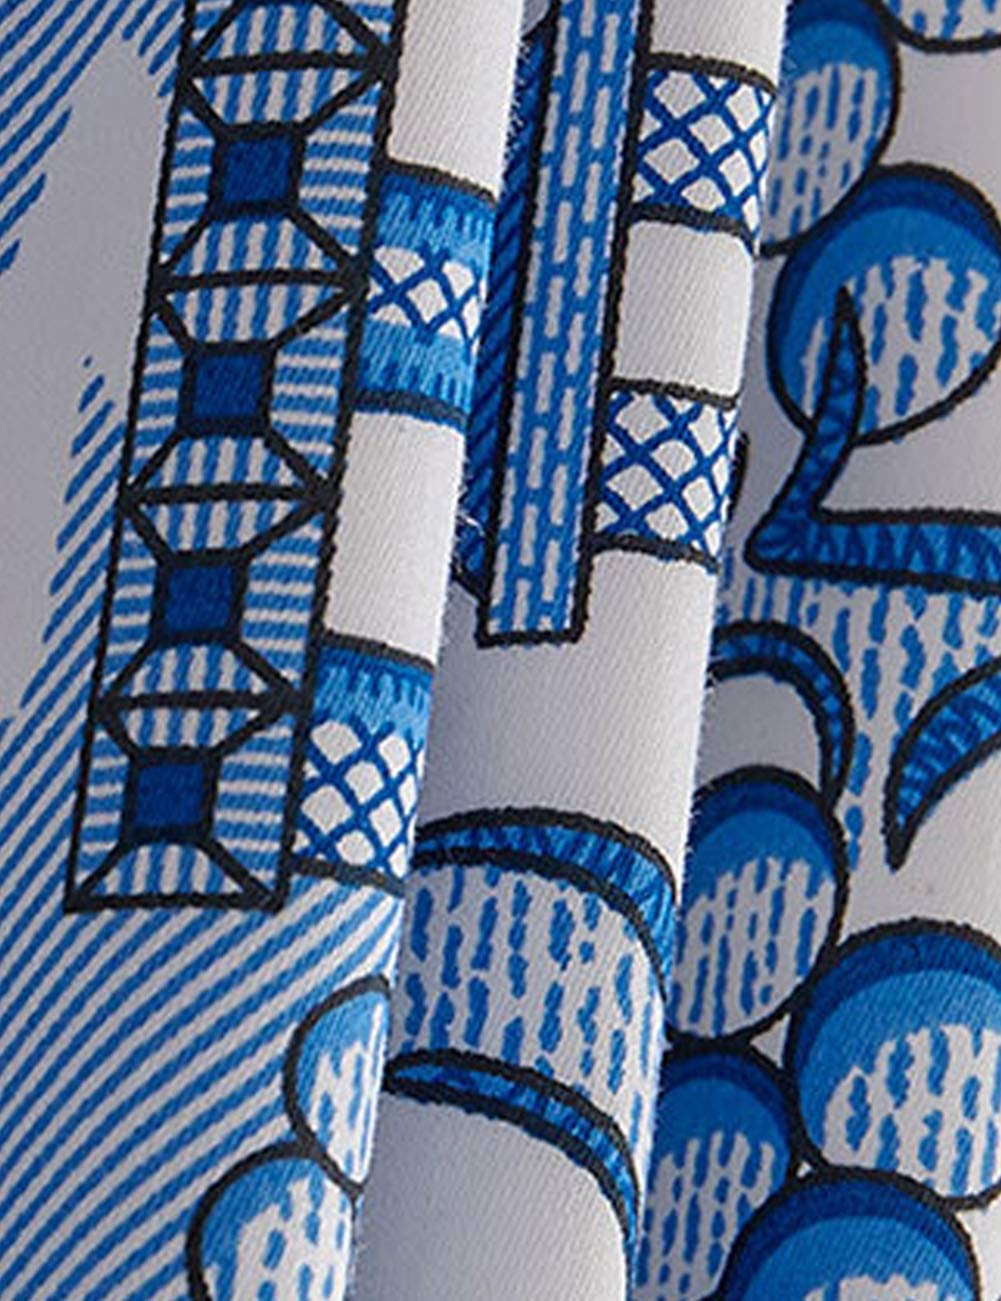 TUDOU Linge De Lit D'hôtel, Literie en Satin De Coton Quatre Pièces Imprimant des Draps De Couvre-Lit De Couleur Unie Respirant Et Doux (Blanc) HBL021